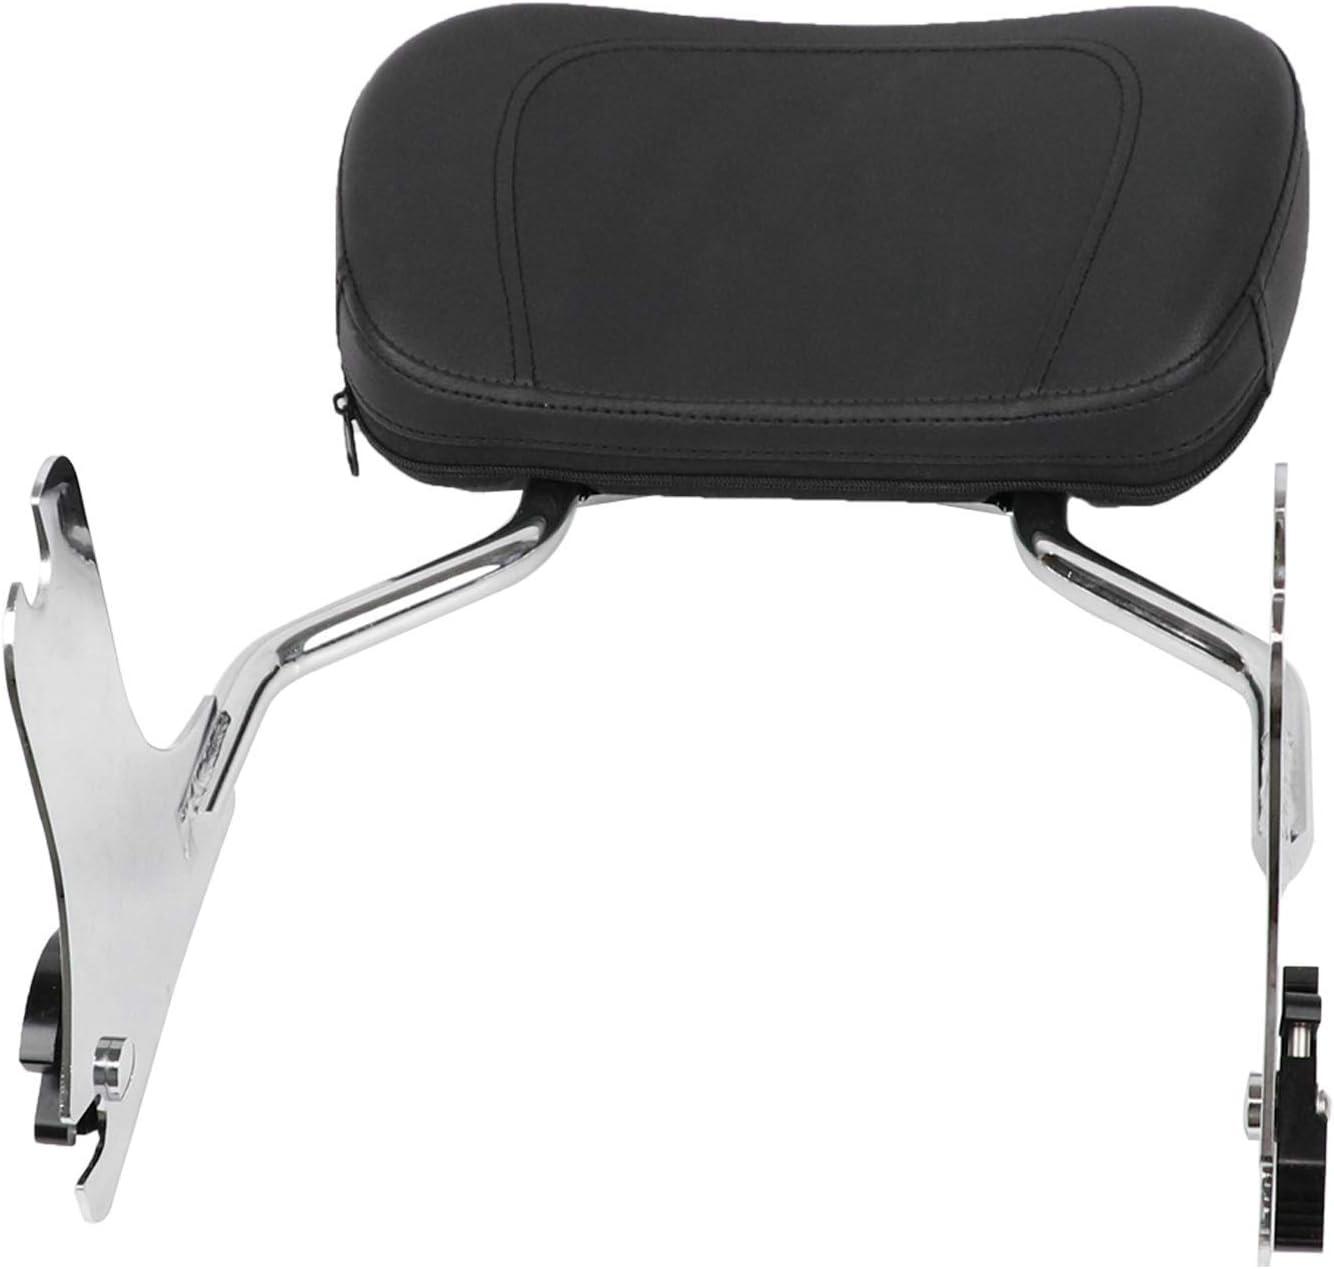 KOLEMO Detachable Backrest Sissy Bar Upright Passenger Backrest With Pad Fit For Touring Road King Street Glide FLHR FLHX FLHT FLTR 1997-2008 (Chrome)